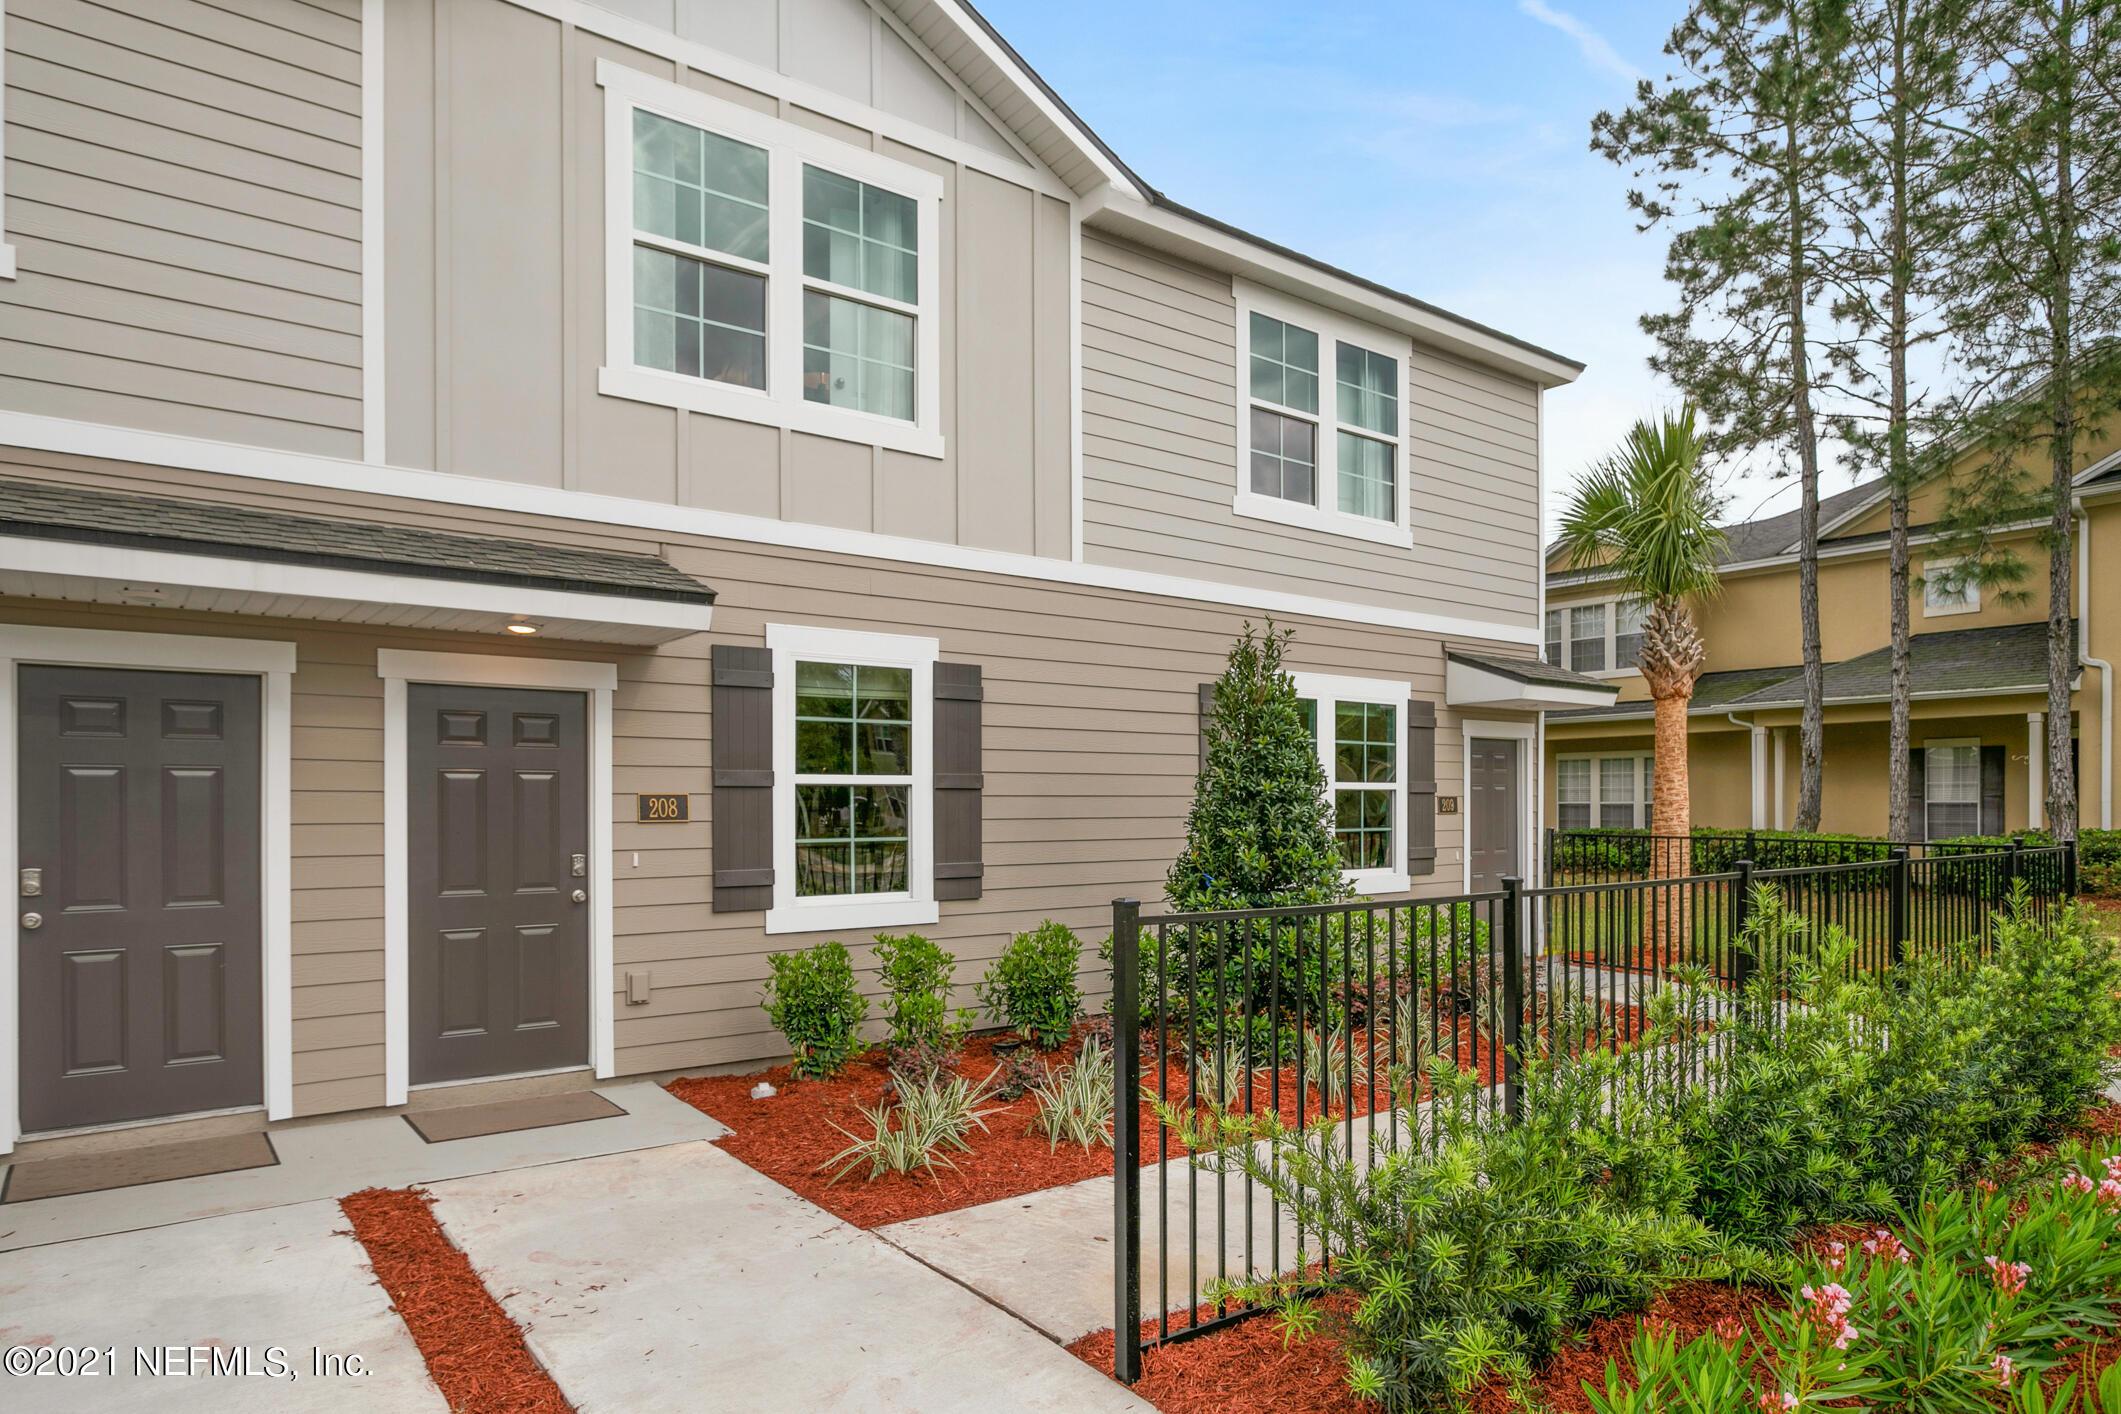 575 OAKLEAF PLANTATION, ORANGE PARK, FLORIDA 32065, 2 Bedrooms Bedrooms, ,2 BathroomsBathrooms,Residential,For sale,OAKLEAF PLANTATION,1101492